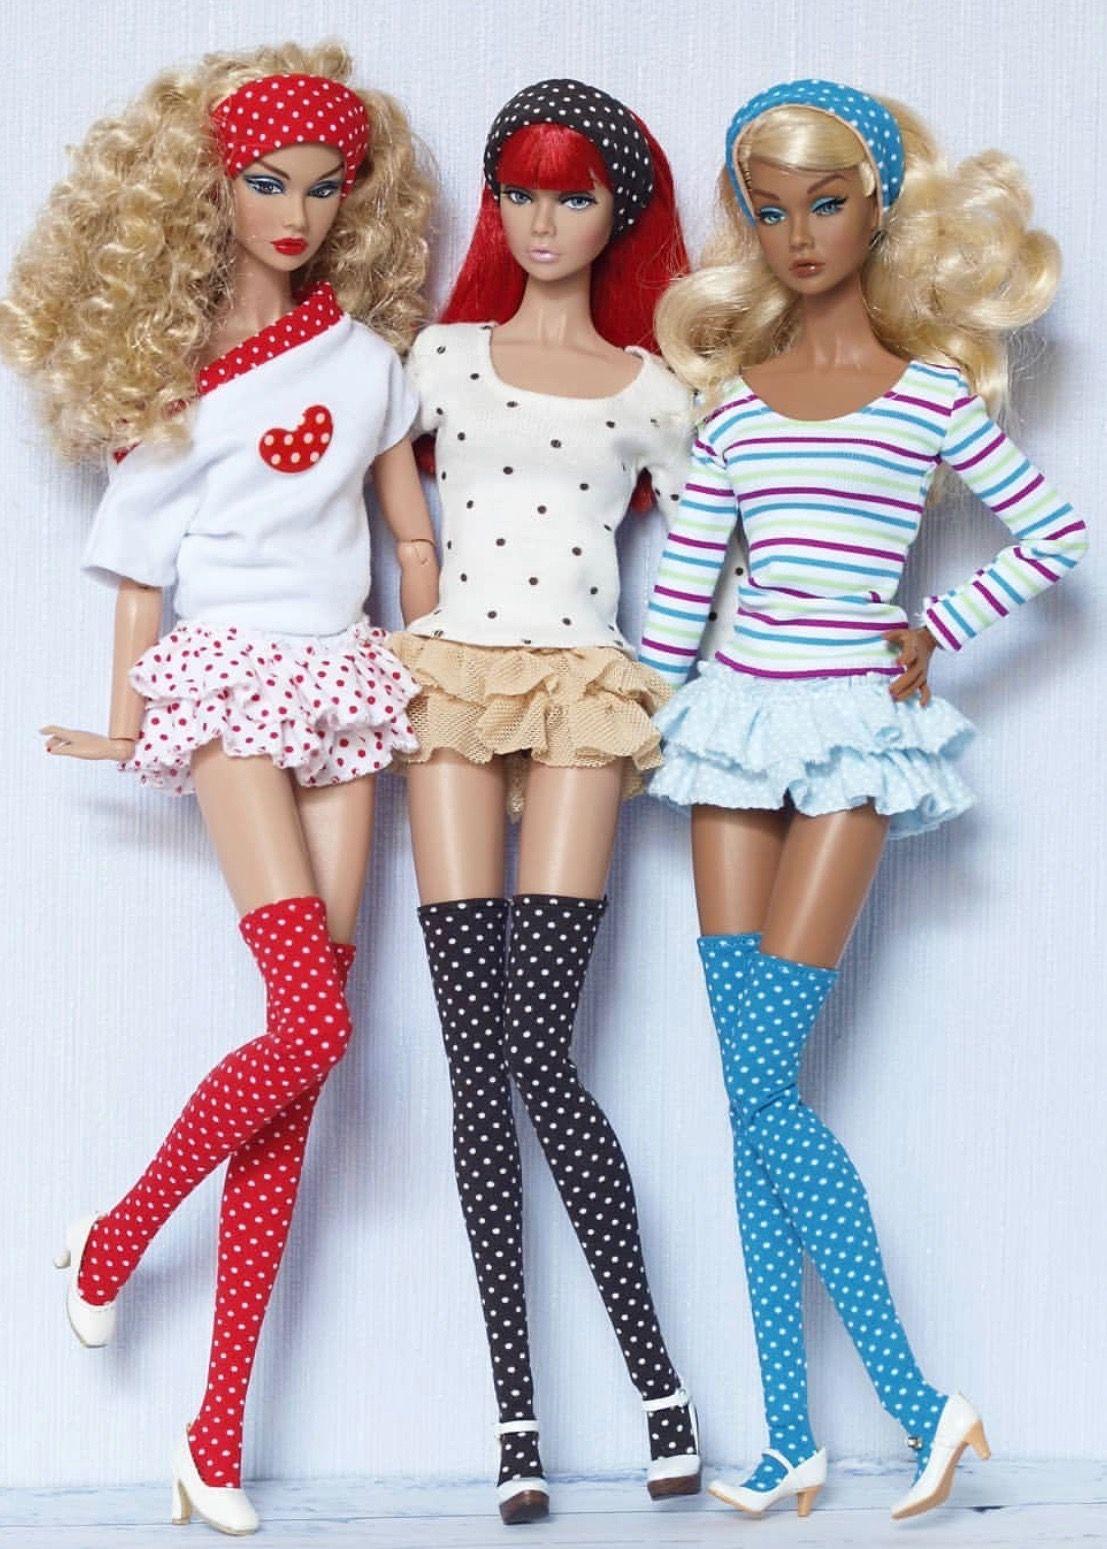 Модная одежда для кукол картинки